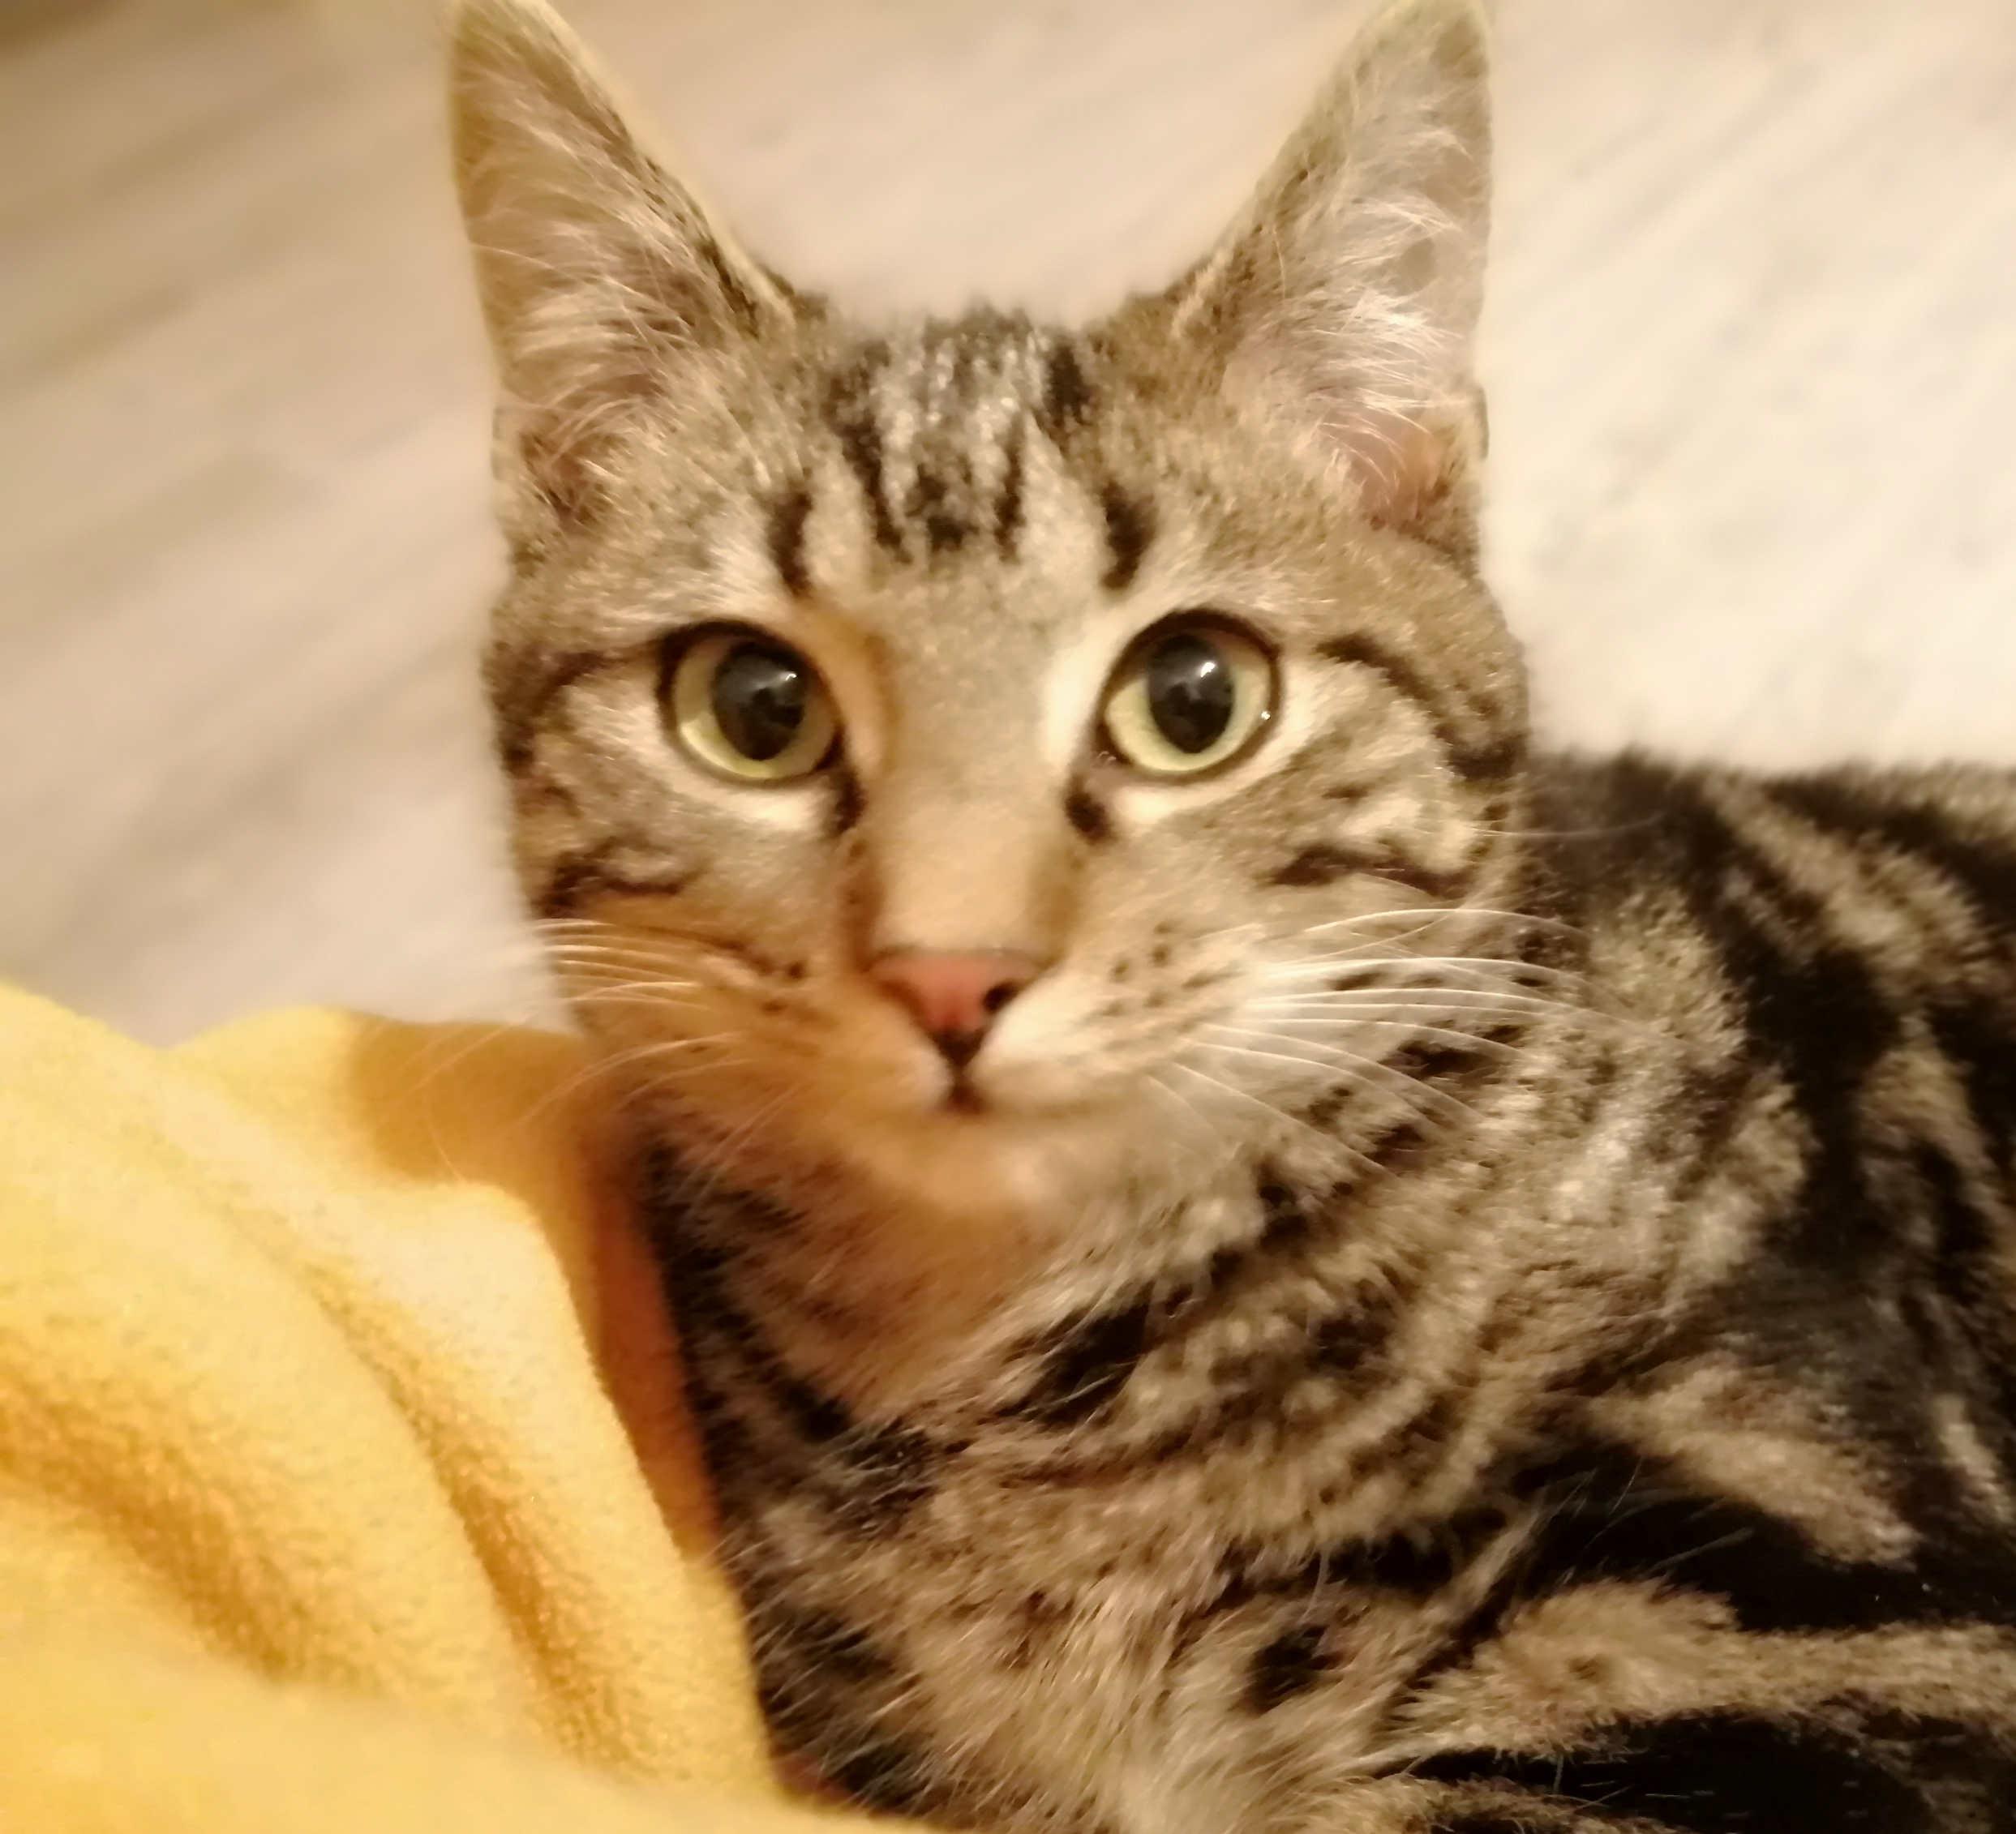 kleiner Tabby-Kater liegt auf einer gelben Decke, schaut mit großen Augen in die Kamera